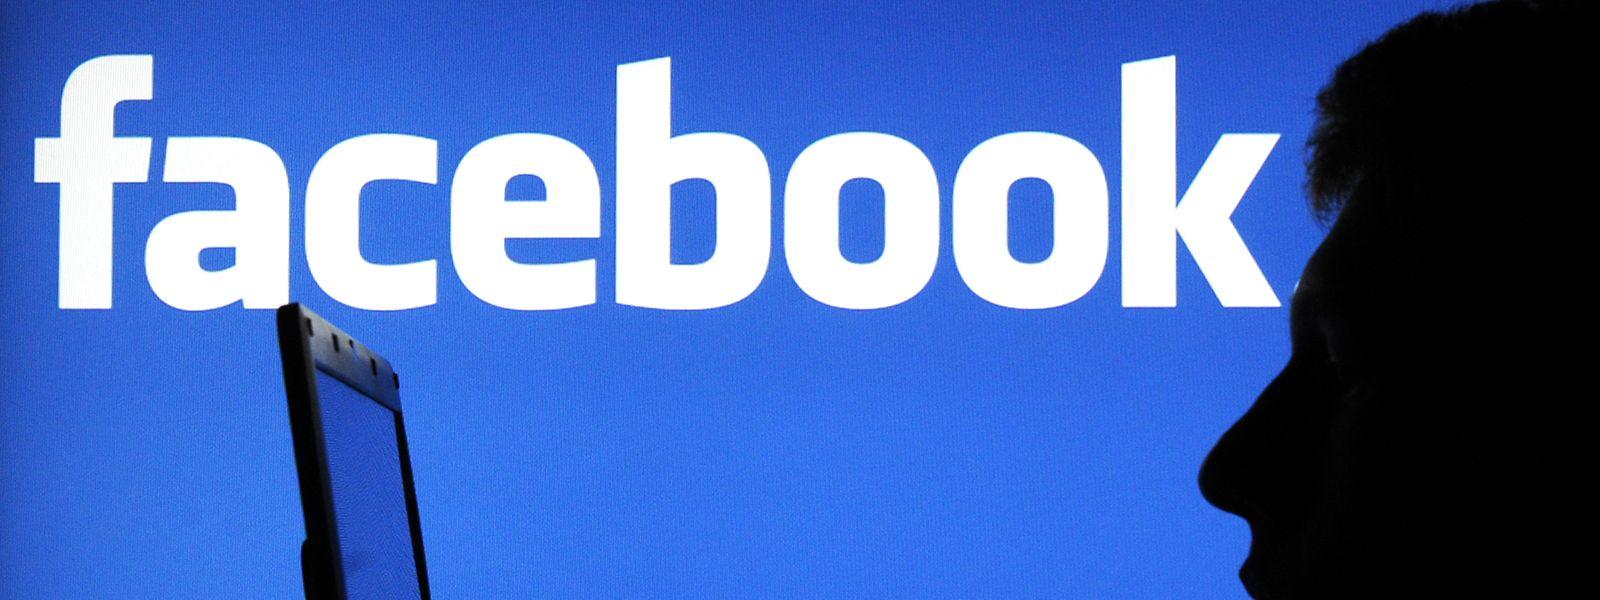 Plus d'un humain sur quatre utilise Facebook selon des chiffres publiés en novembre 2019.